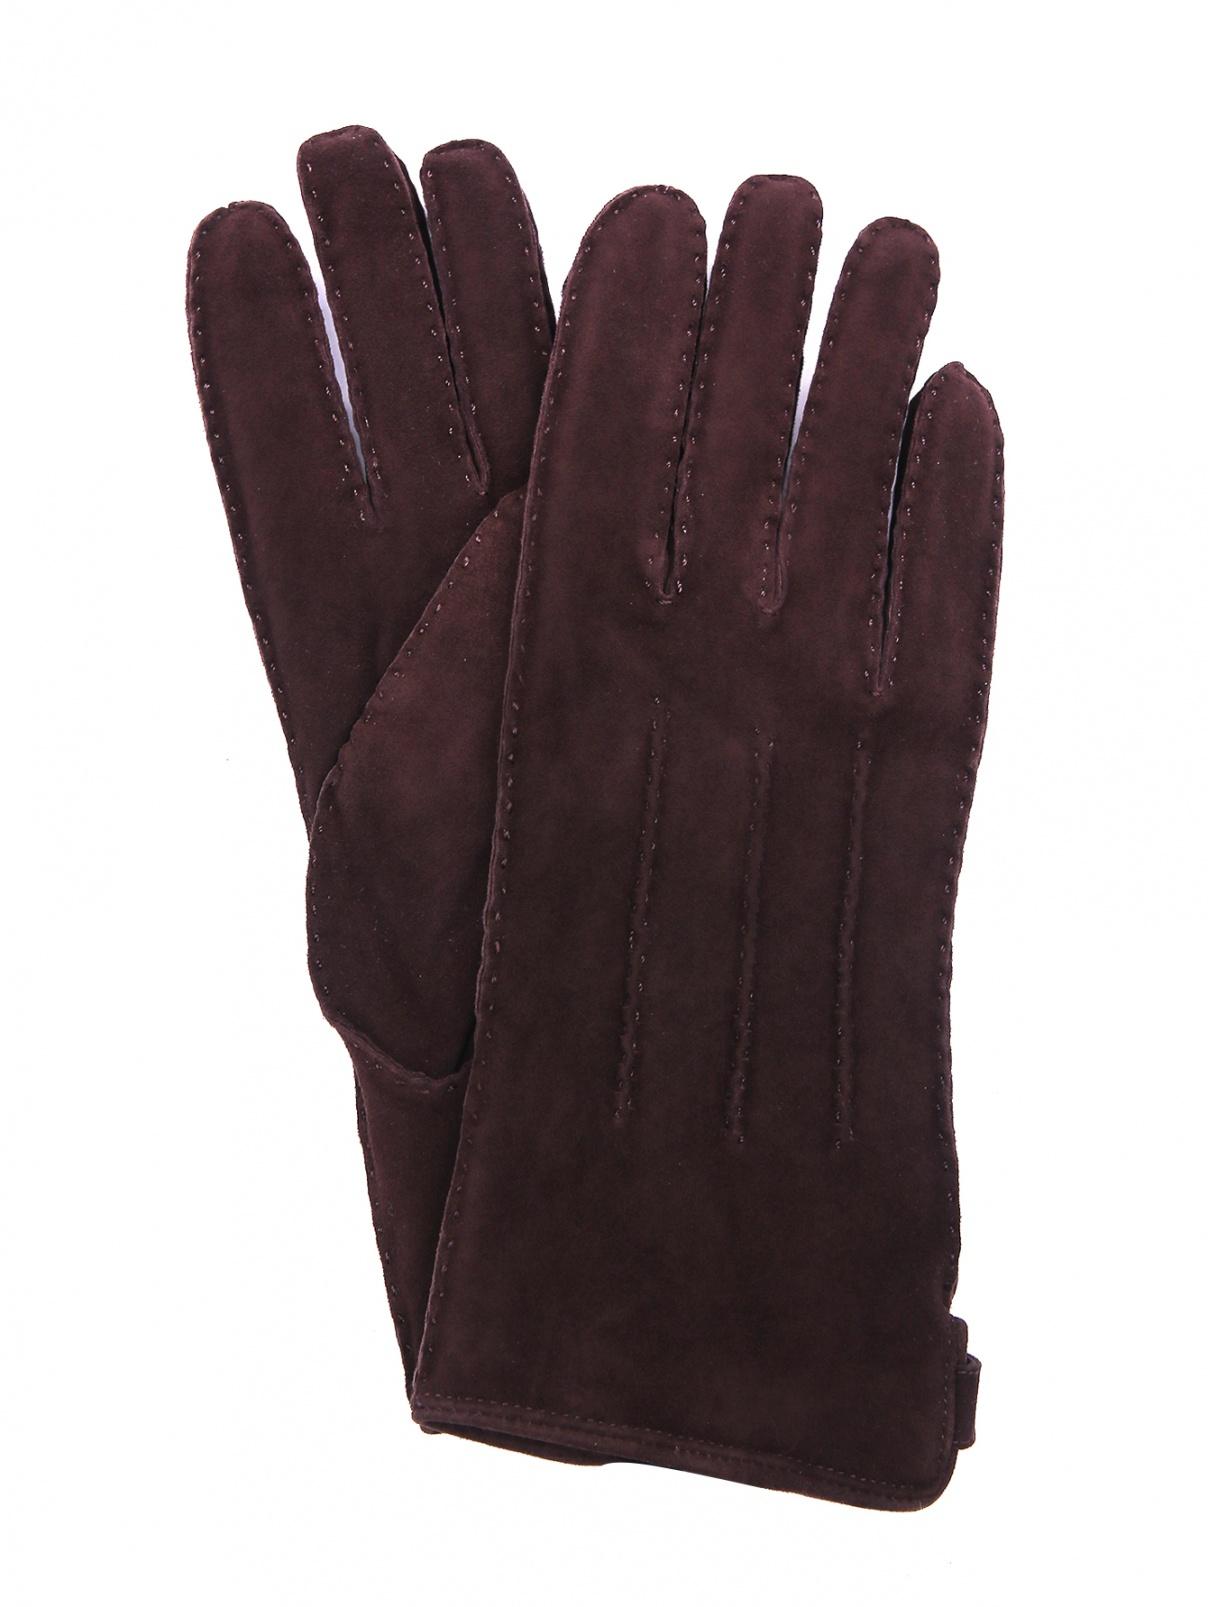 Перчатки из замши Joop!  –  Общий вид  – Цвет:  Коричневый